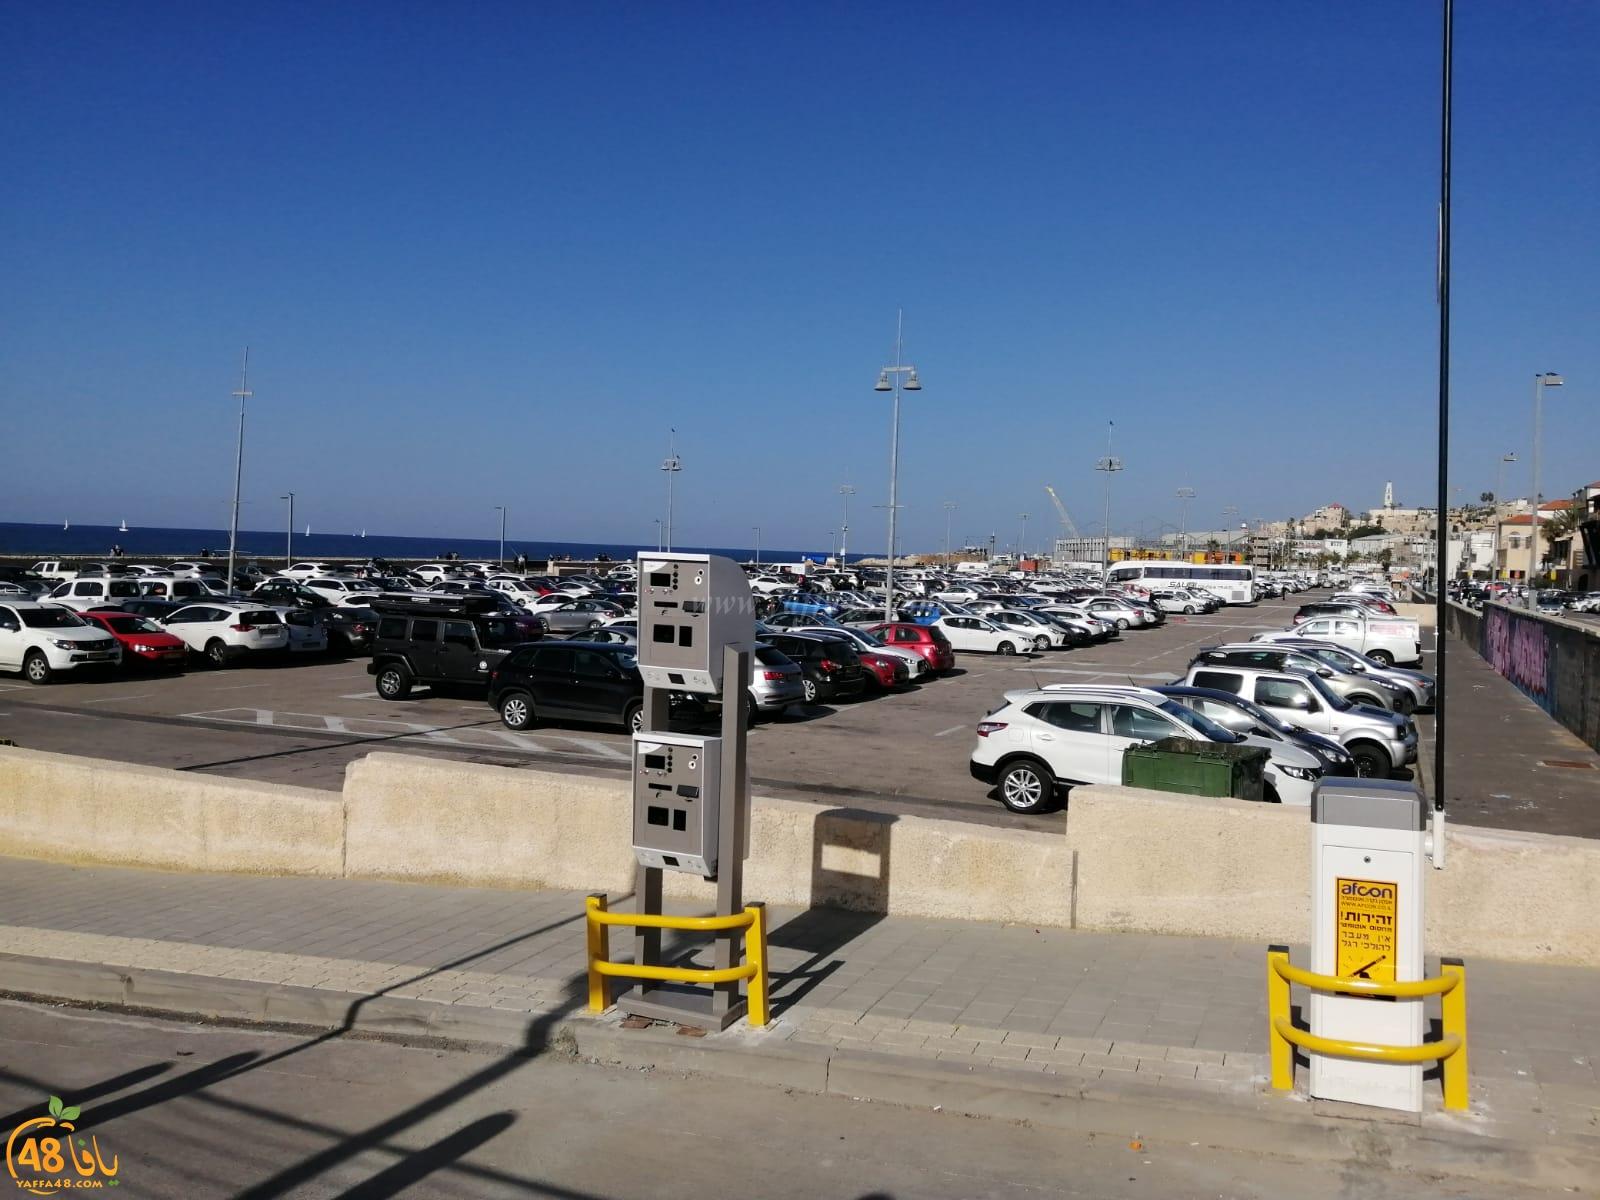 من بداية العام - تحصيل الرسوم مقابل ركن السيارات في مصف الميناء